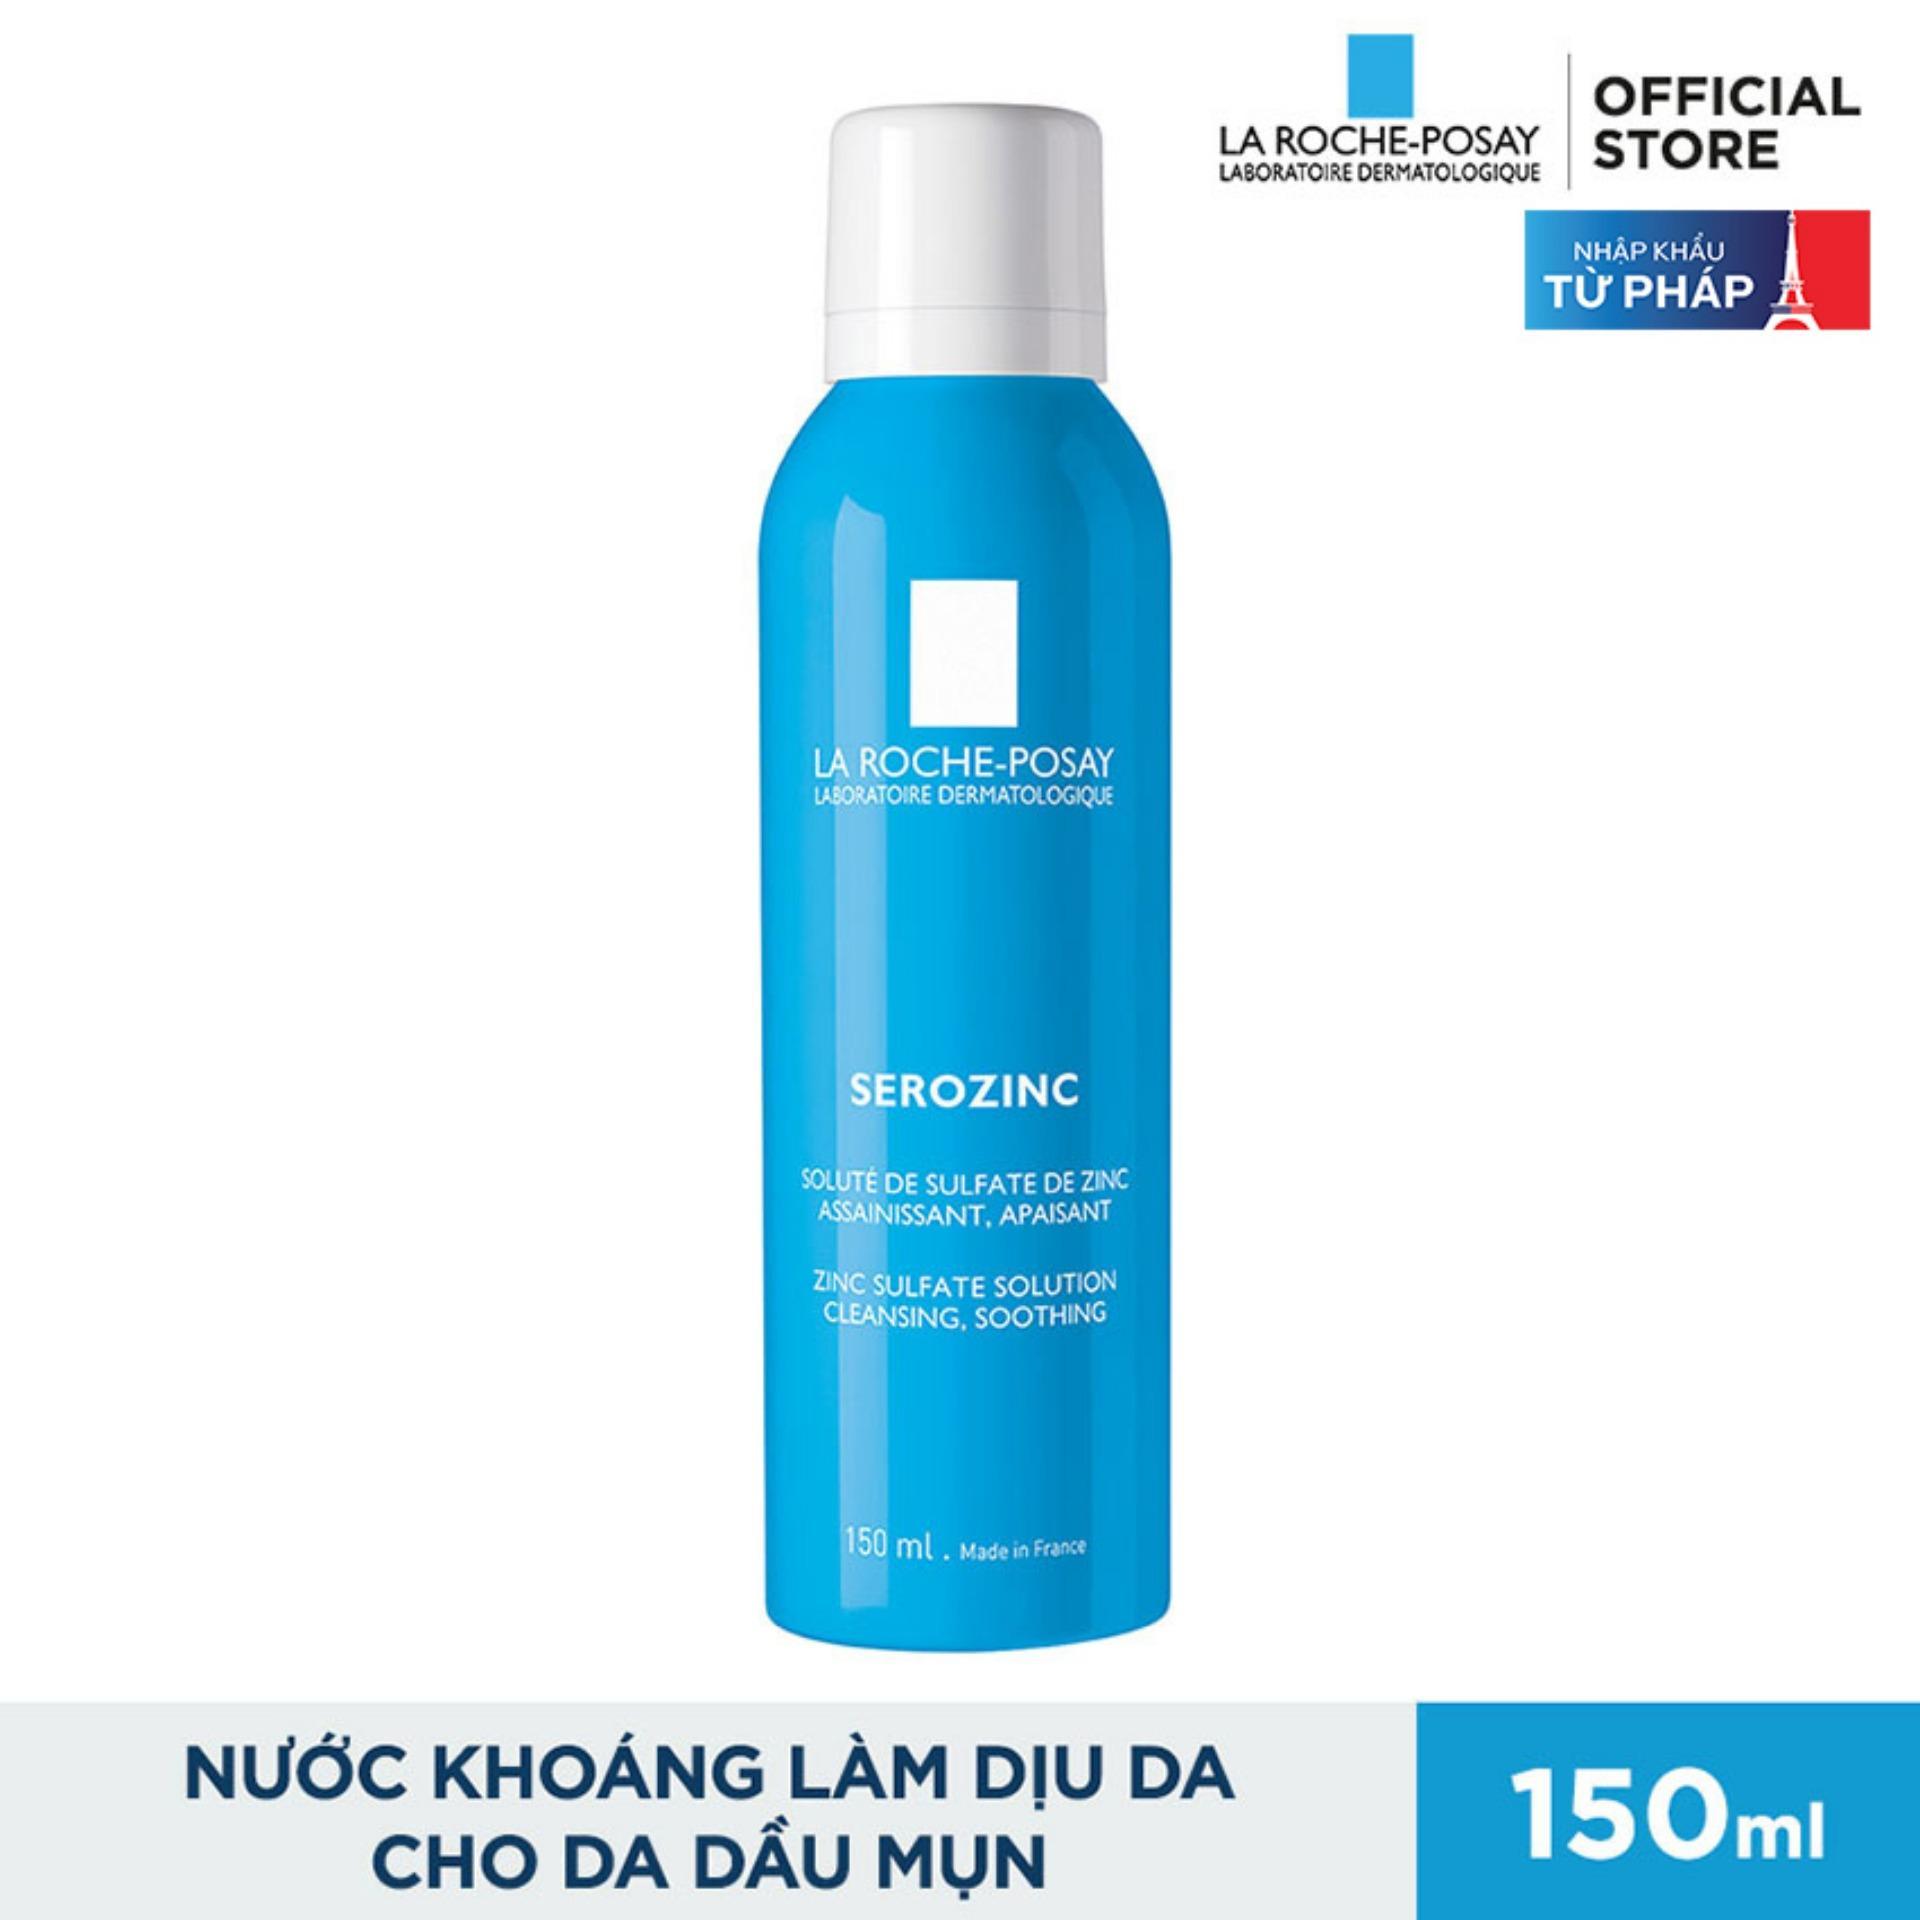 Xịt khoáng giúp làm sạch và làm dịu da La Roche Posay Serozinc 150ML tốt nhất